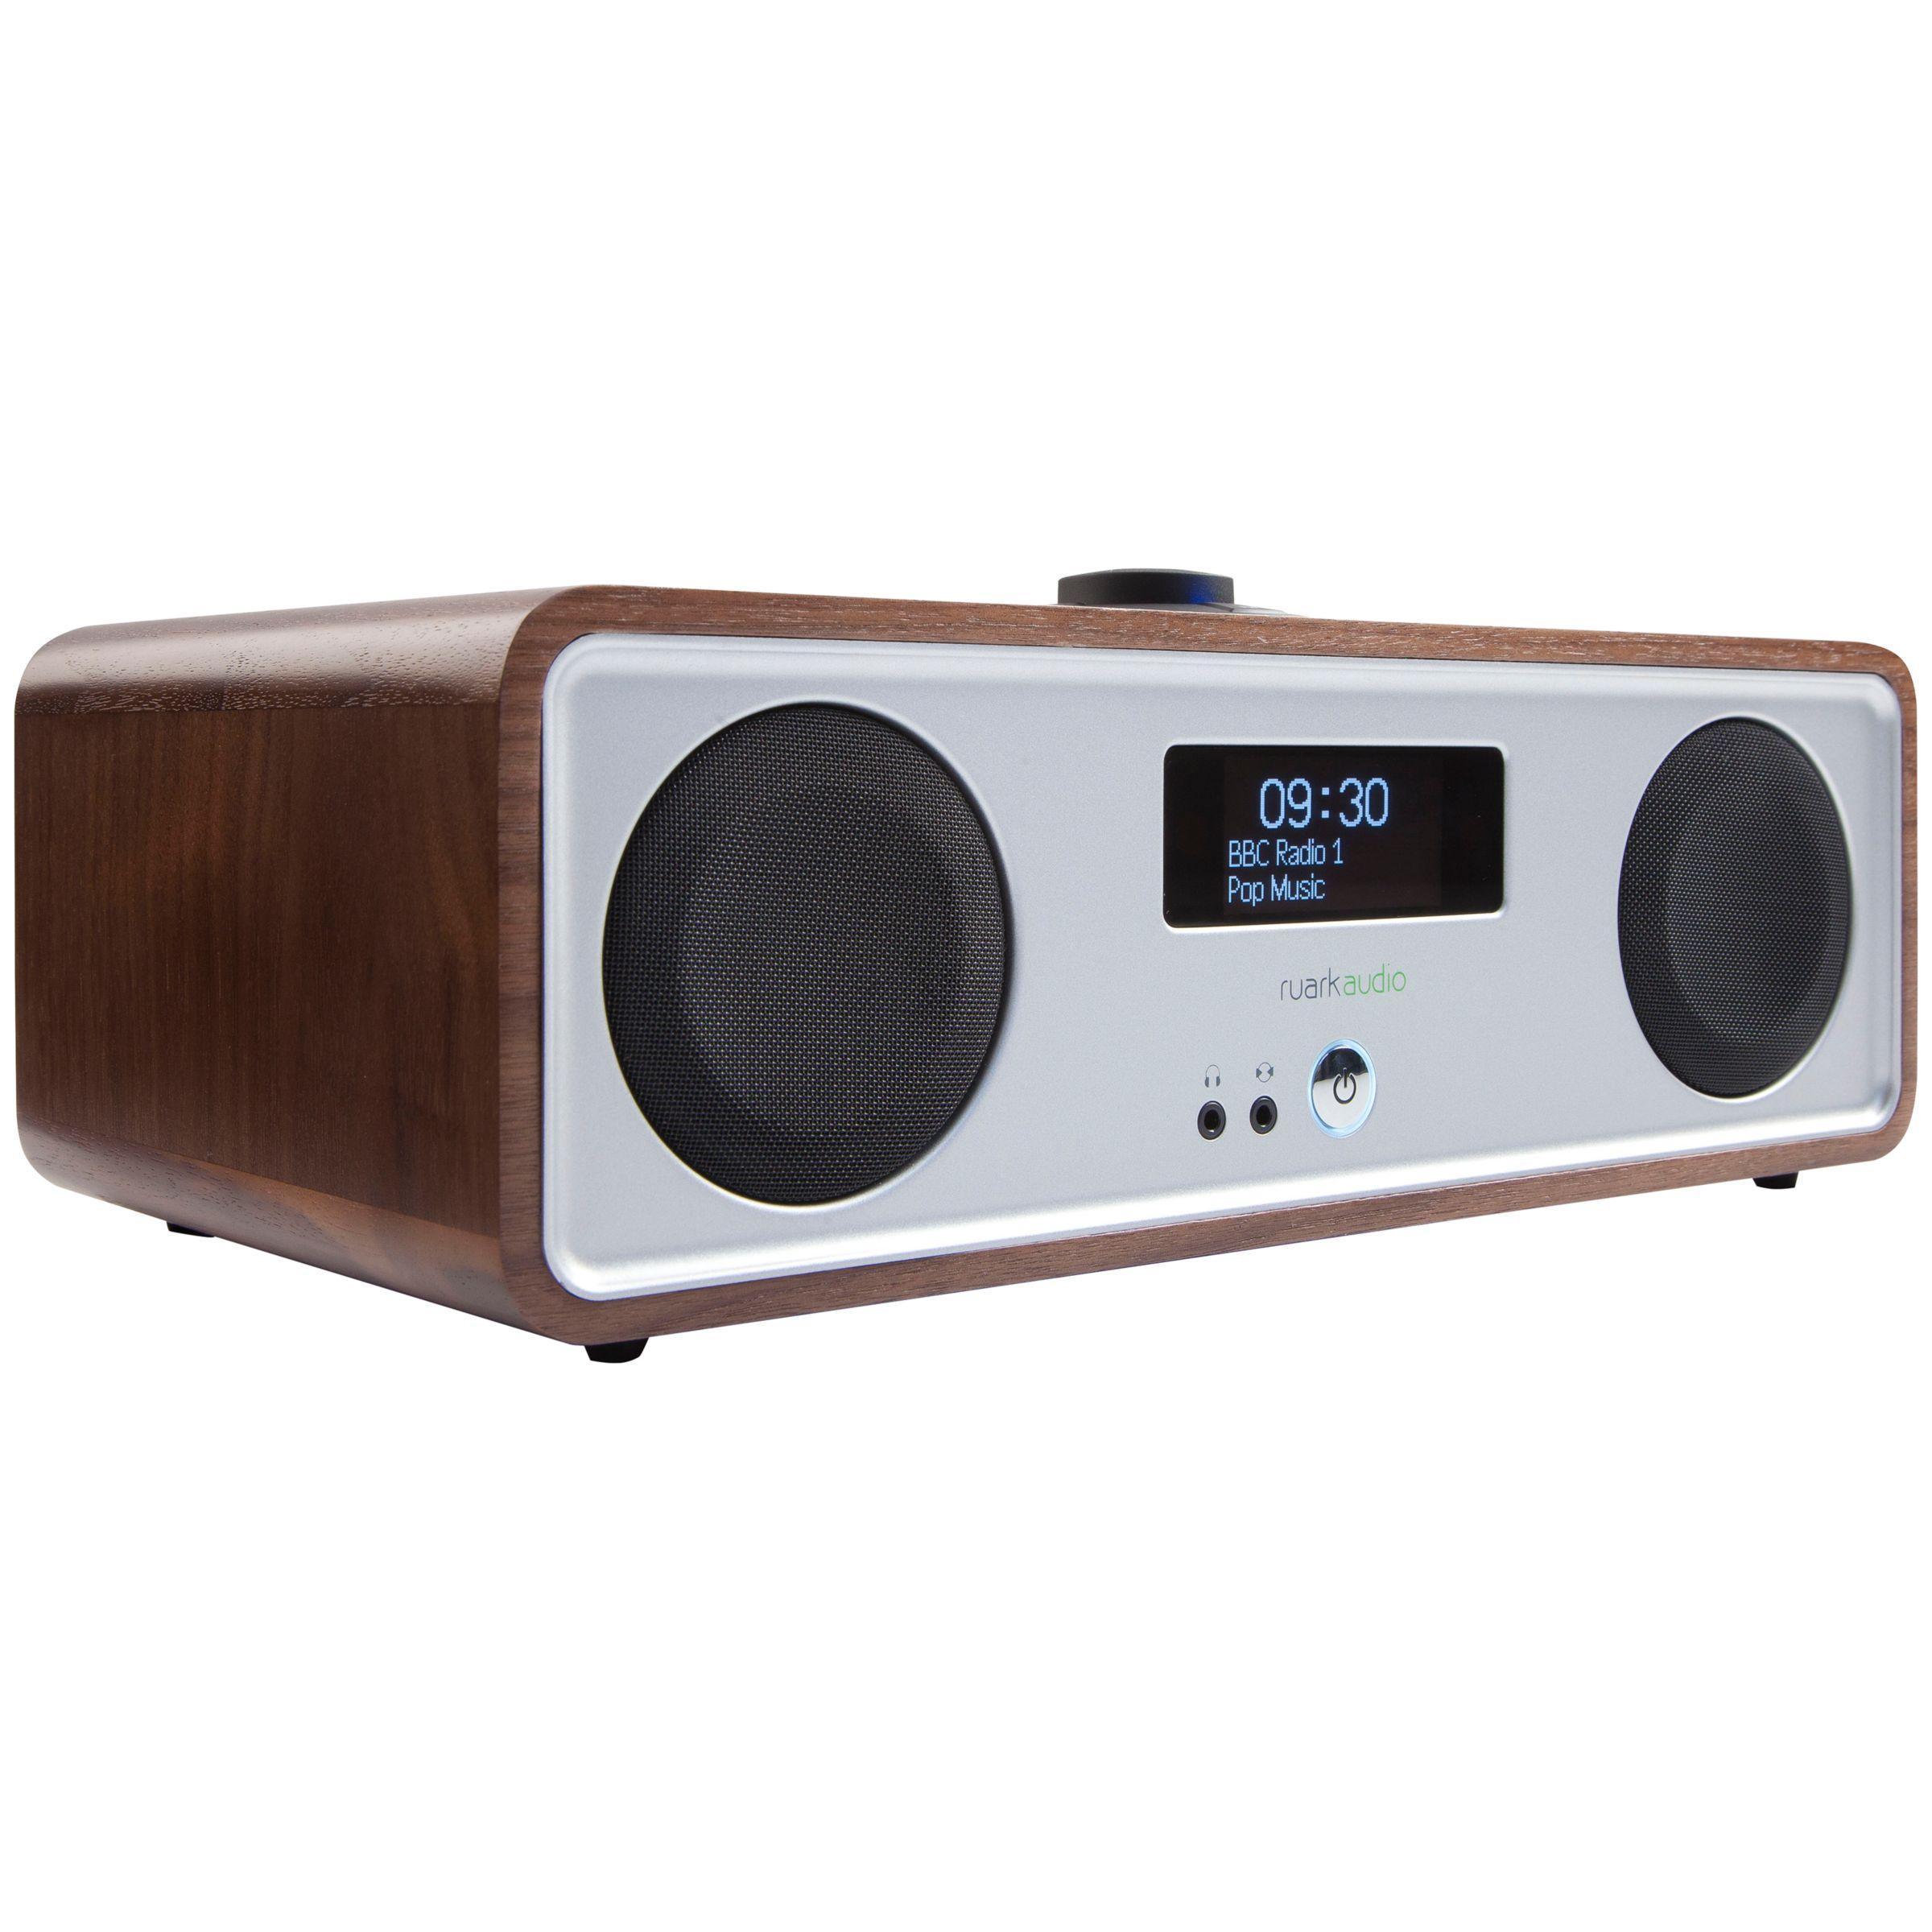 Ruark R2 MK3 DAB/FM/Internet Radio with Wi-Fi and Bluetooth, Walnut